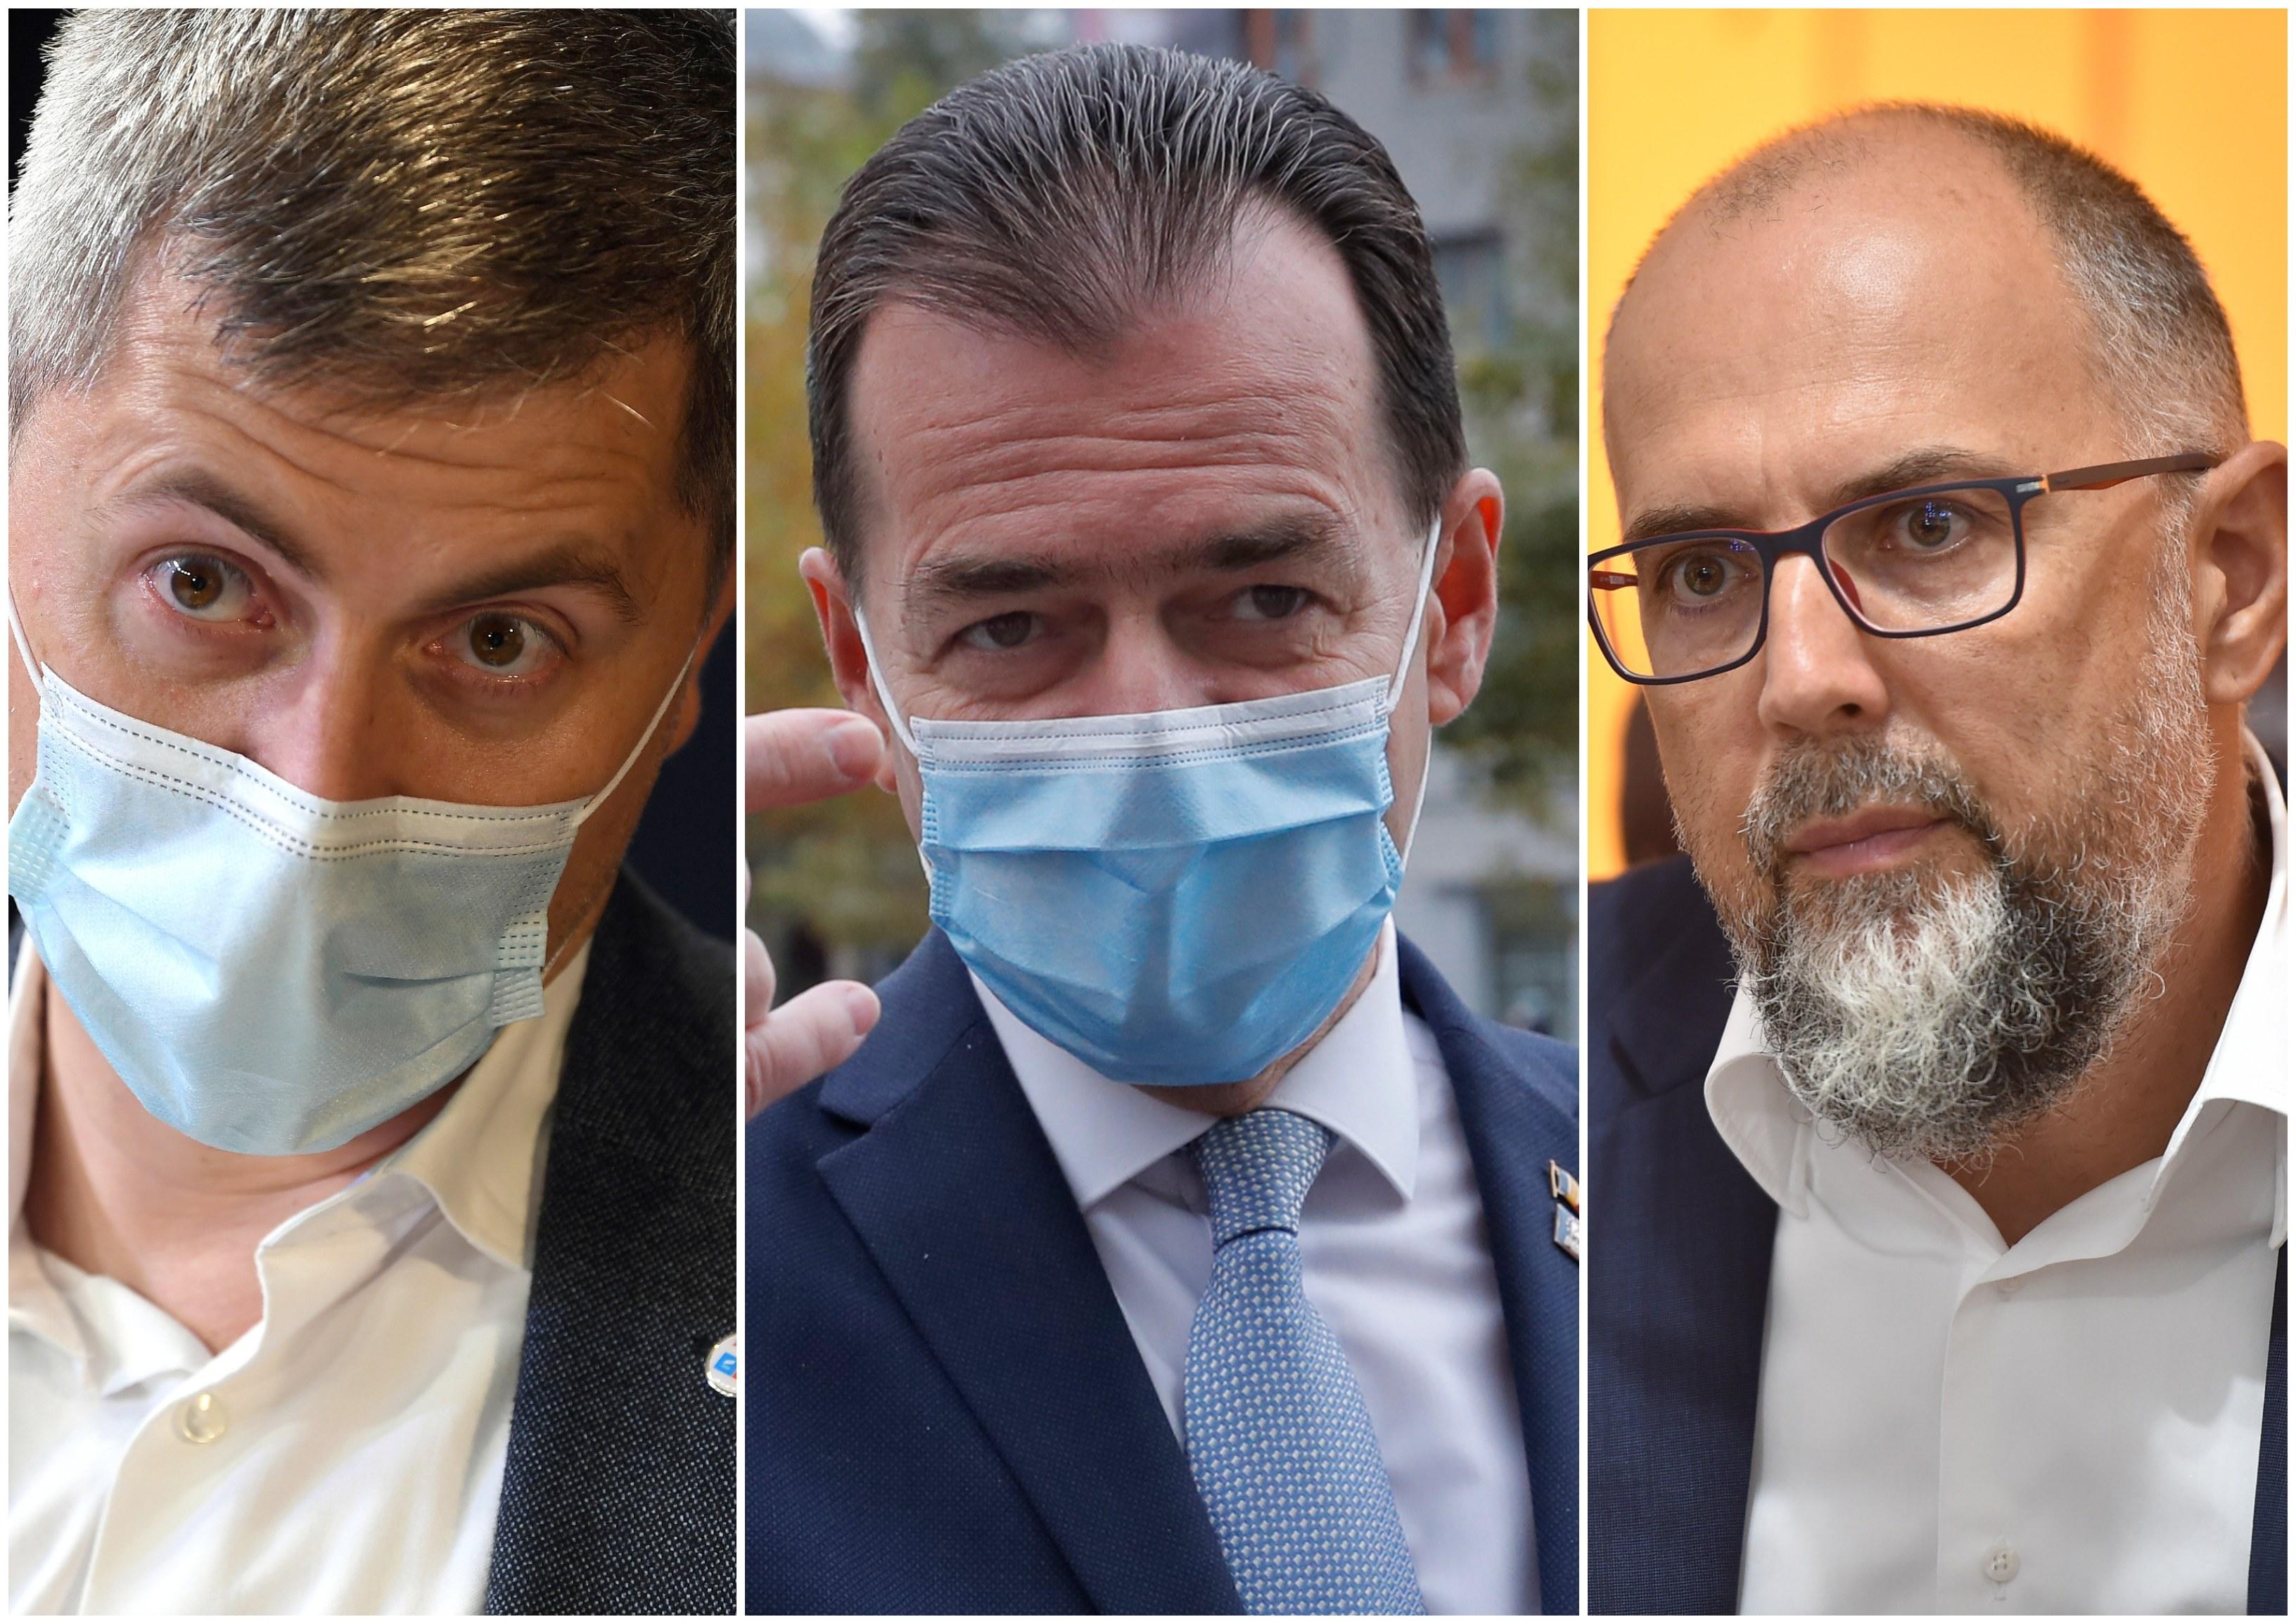 Criză politică în Guvern. Surse: Miniștrii USR-PLUS nu mai participă la ședințele Executivului cât timp Cîțu e premier